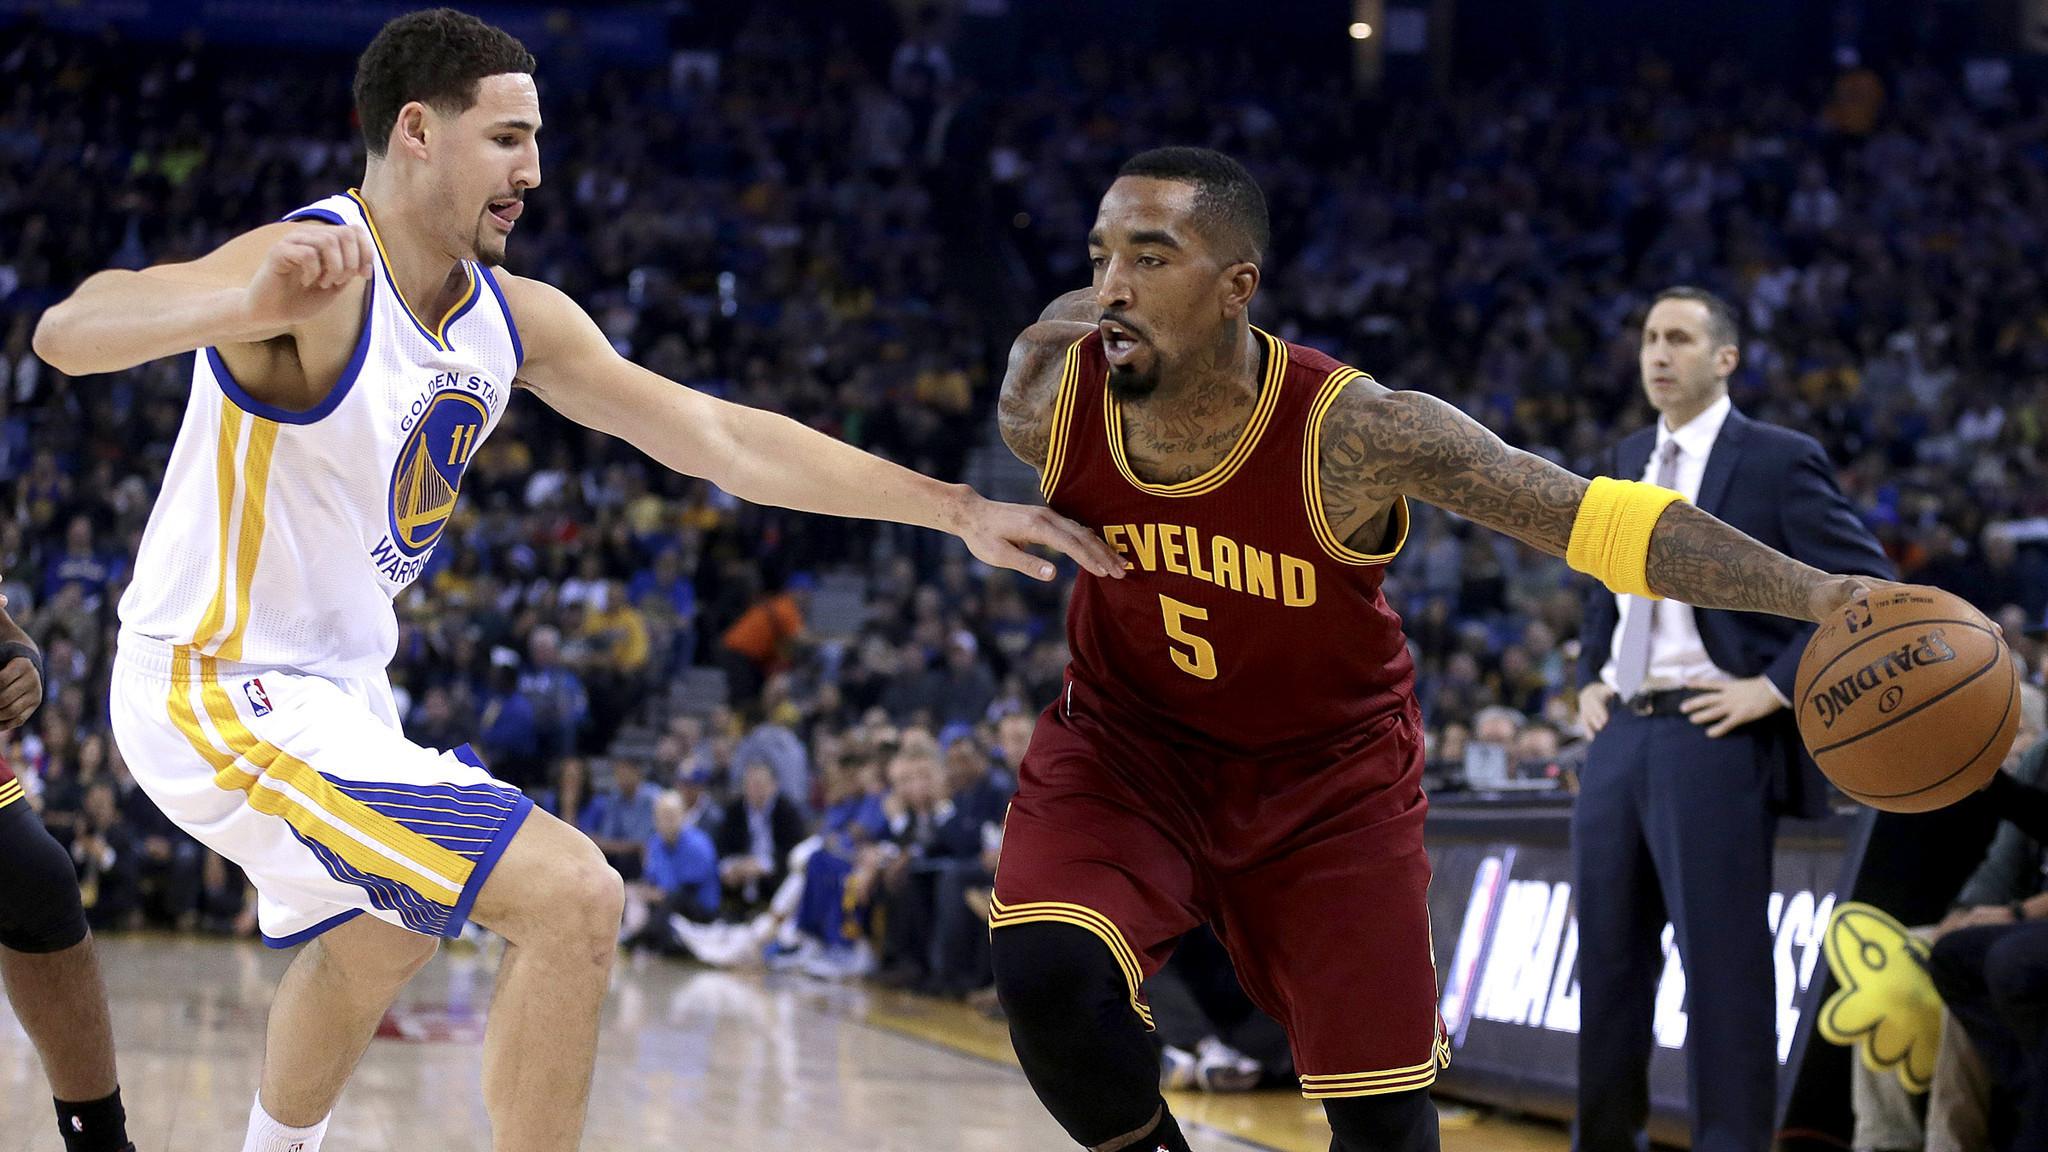 warriors vs cavaliers - photo #17